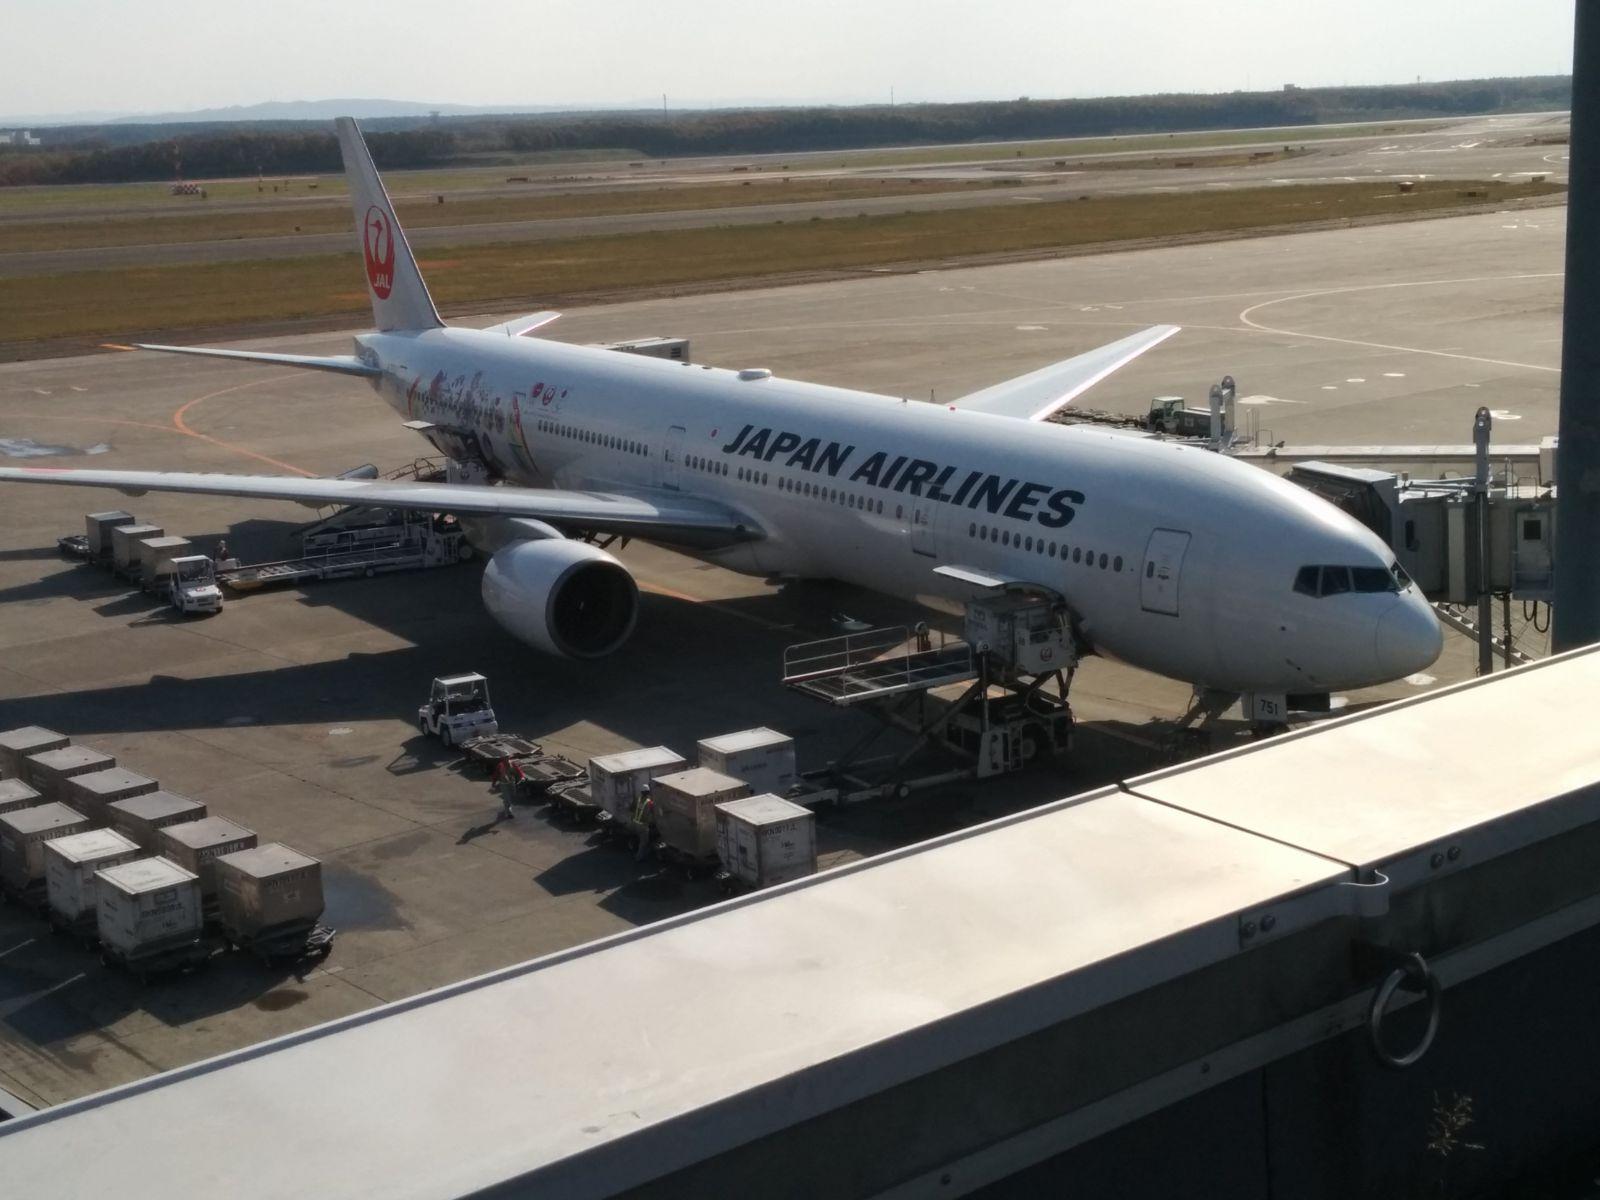 【新千歳空港】新千歳空港・展望デッキ観光写真です。